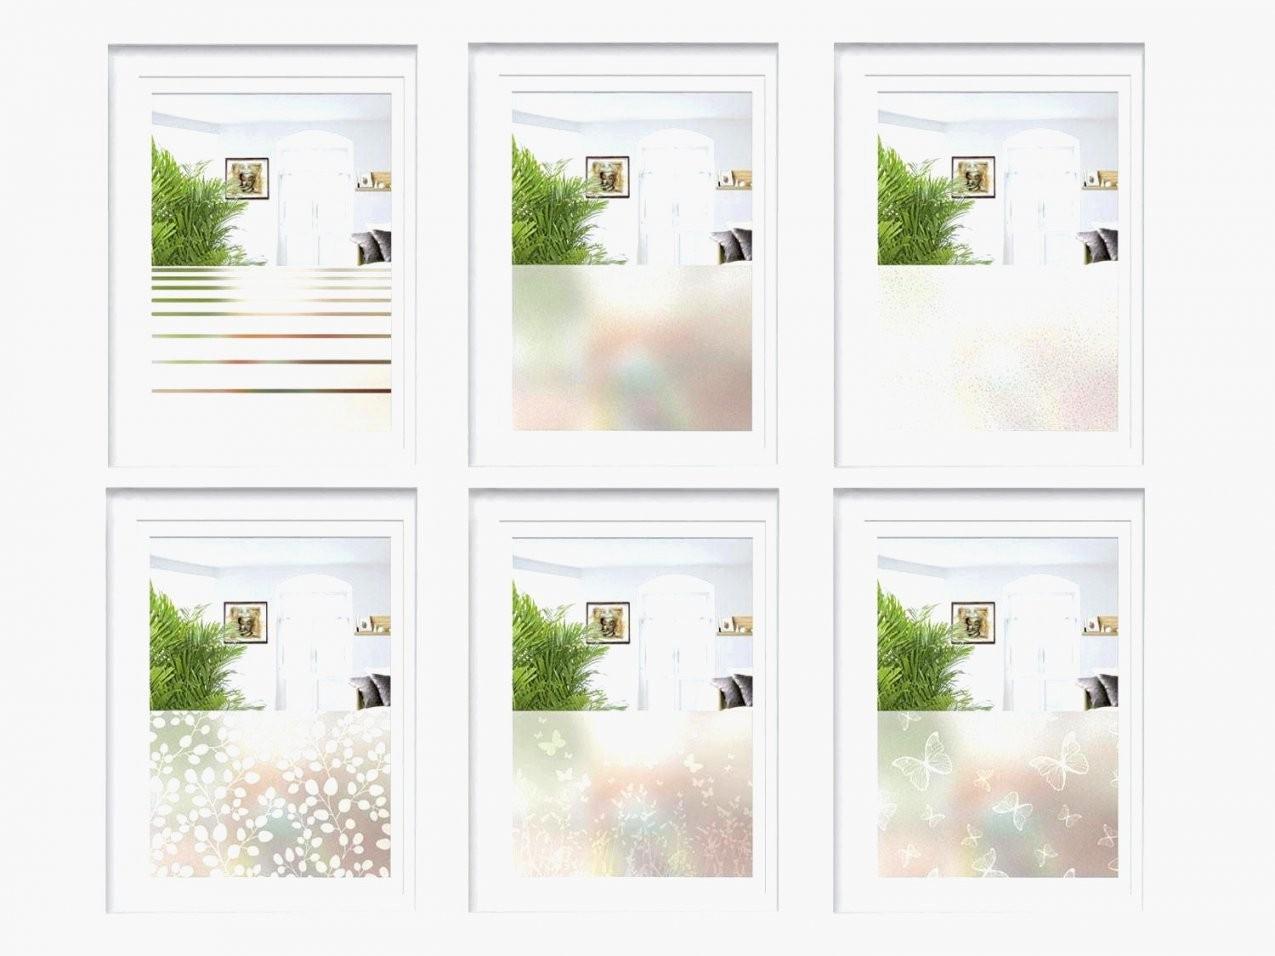 70 Minimalist Fensterfolie Sichtschutz Ikea Modell  Lawnbrothers von Fensterfolie Sichtschutz Ikea Bild